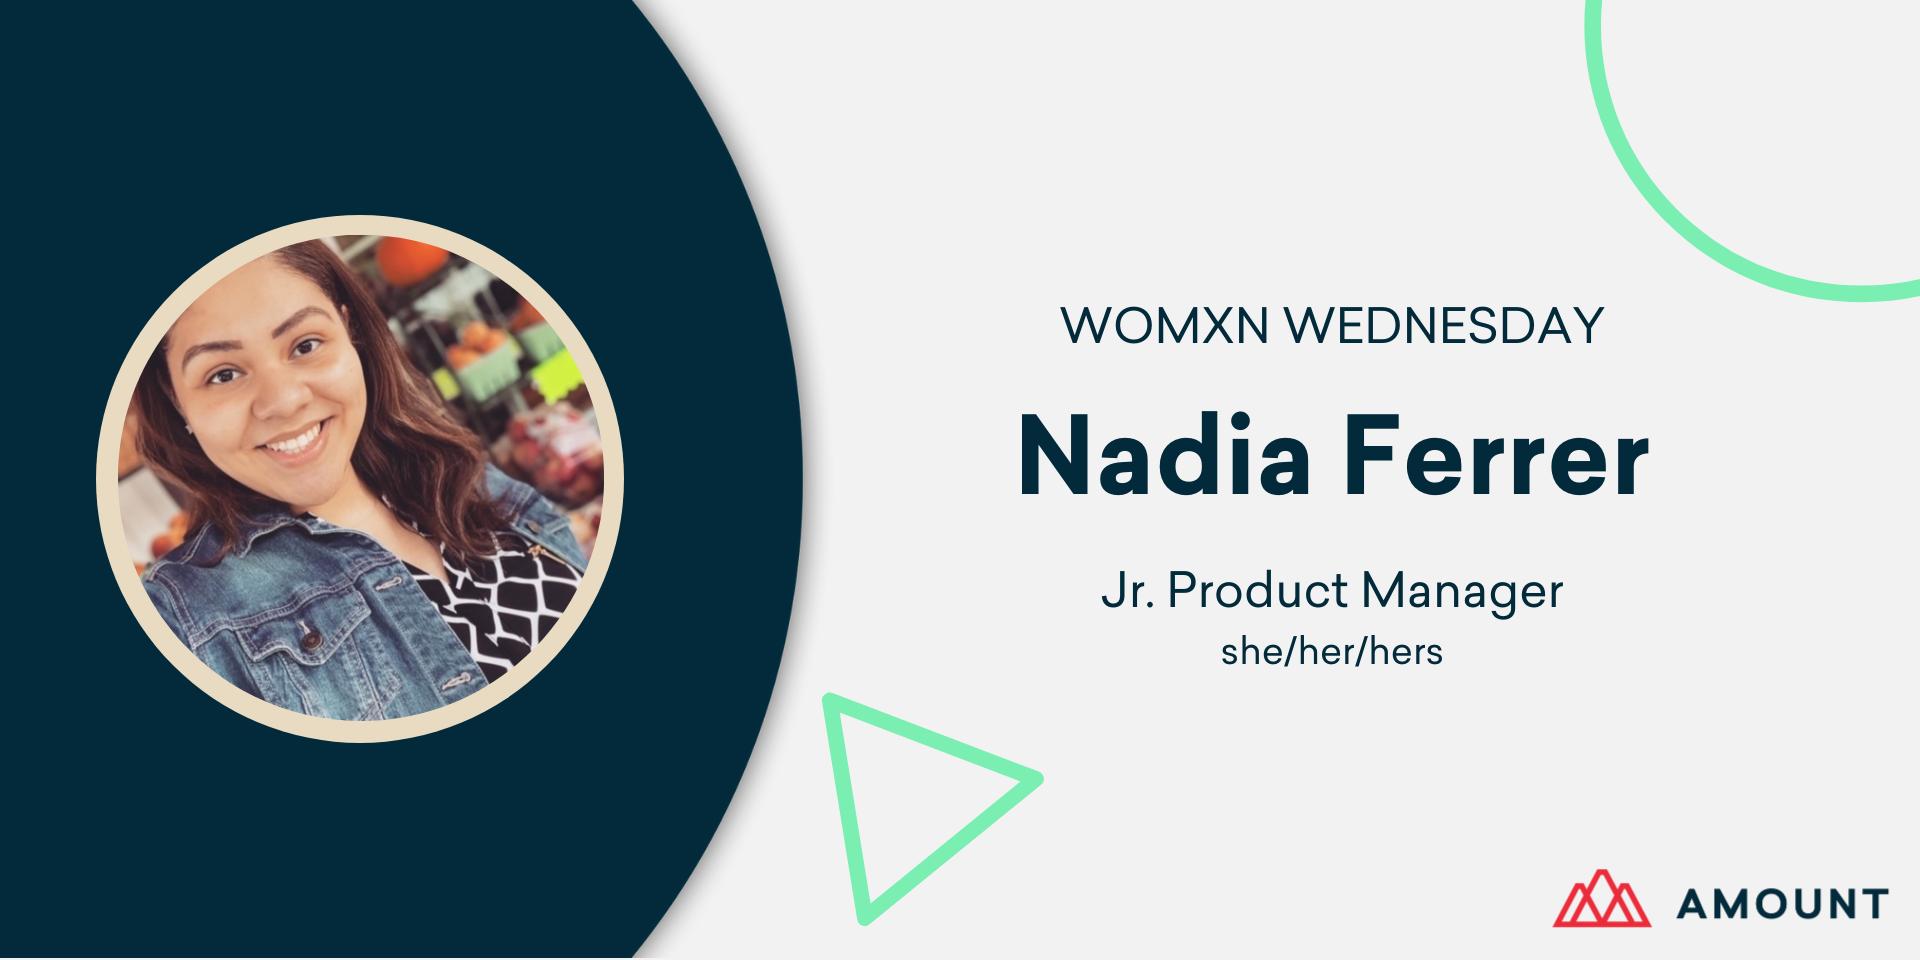 Nadia Ferrer - WW